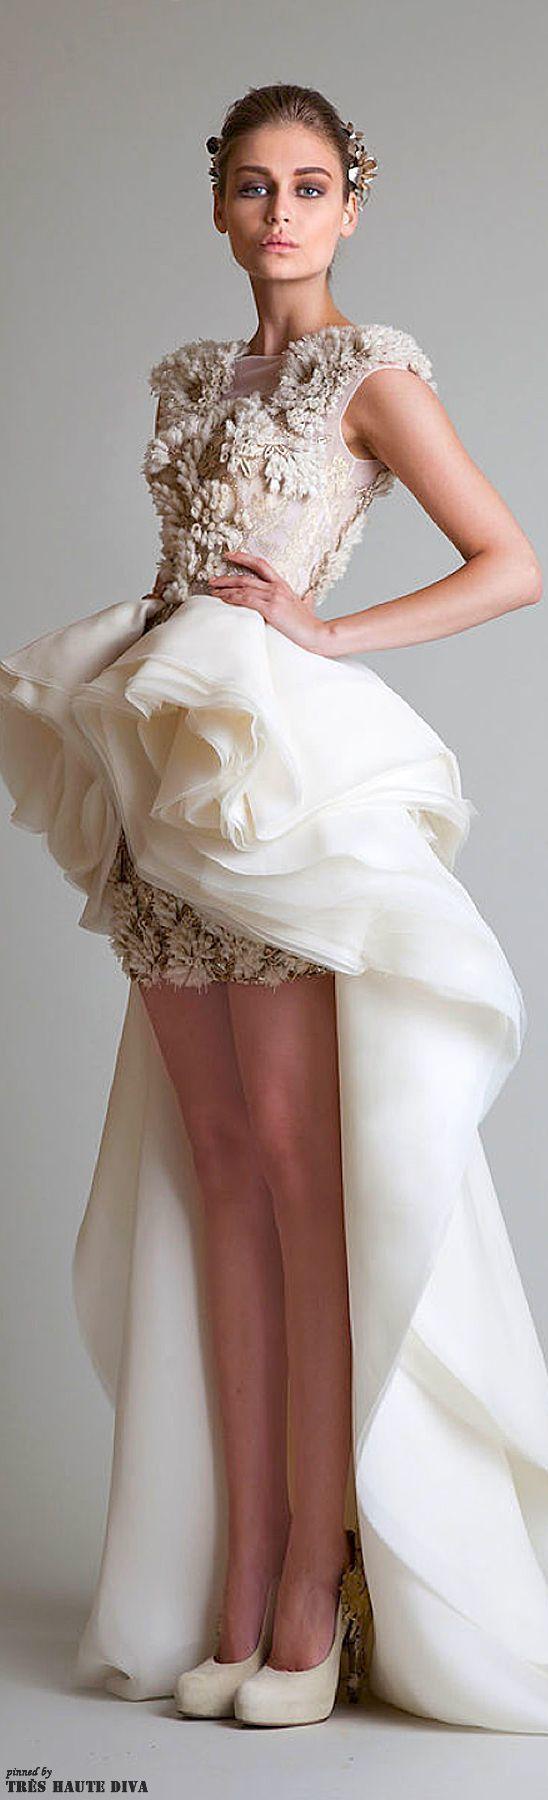 洗練されたモードなデザイン♪ スタイリッシュな花嫁衣装の参考一覧。素敵なウェディングドレスまとめ。